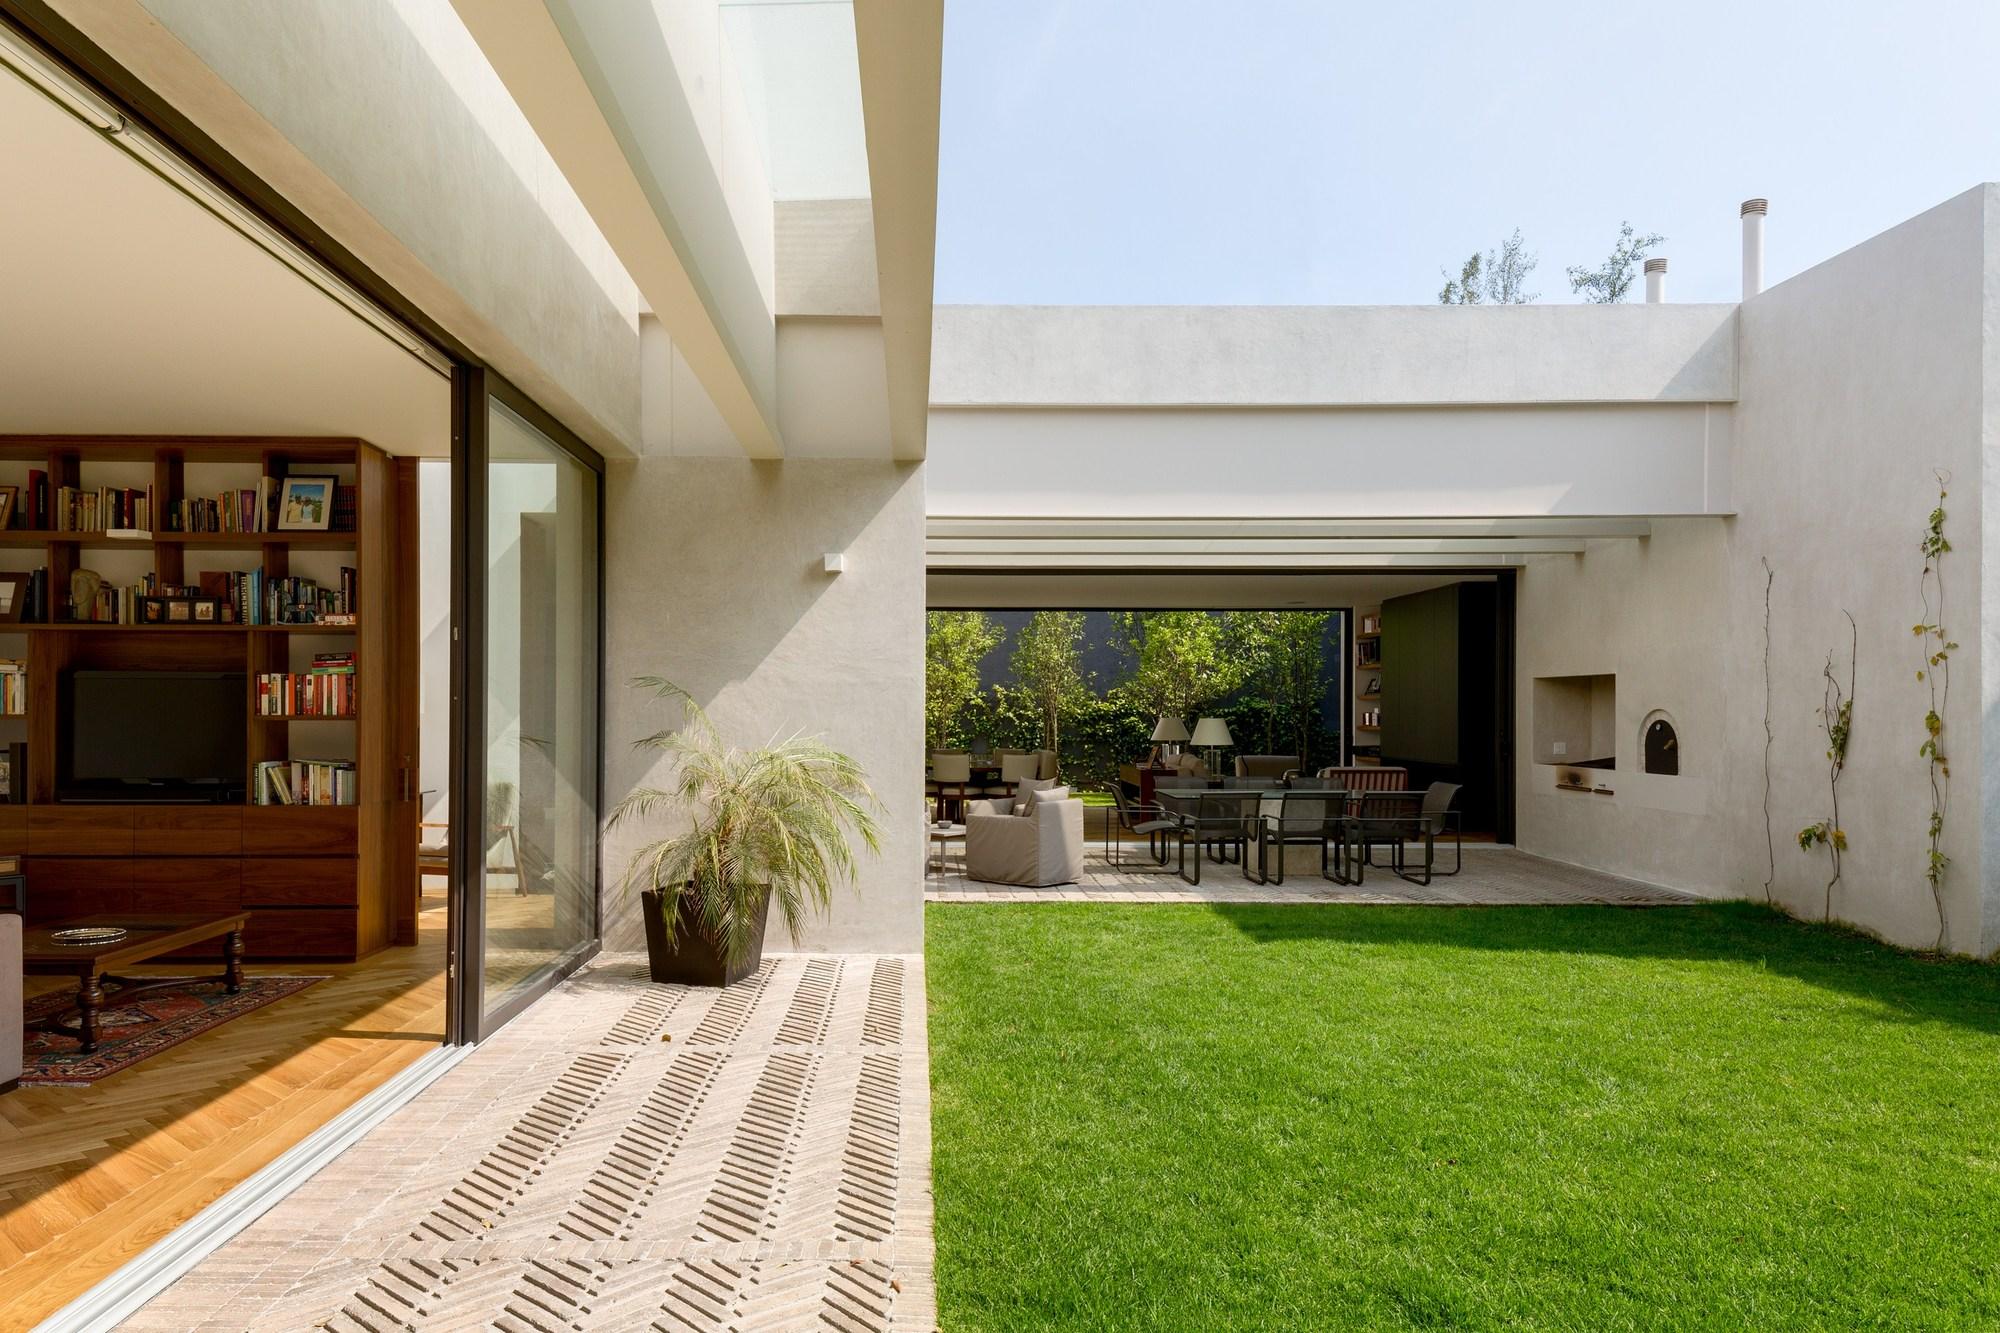 Galer a de casa jard n dcpp arquitectos 23 for Casas para herramientas de jardin